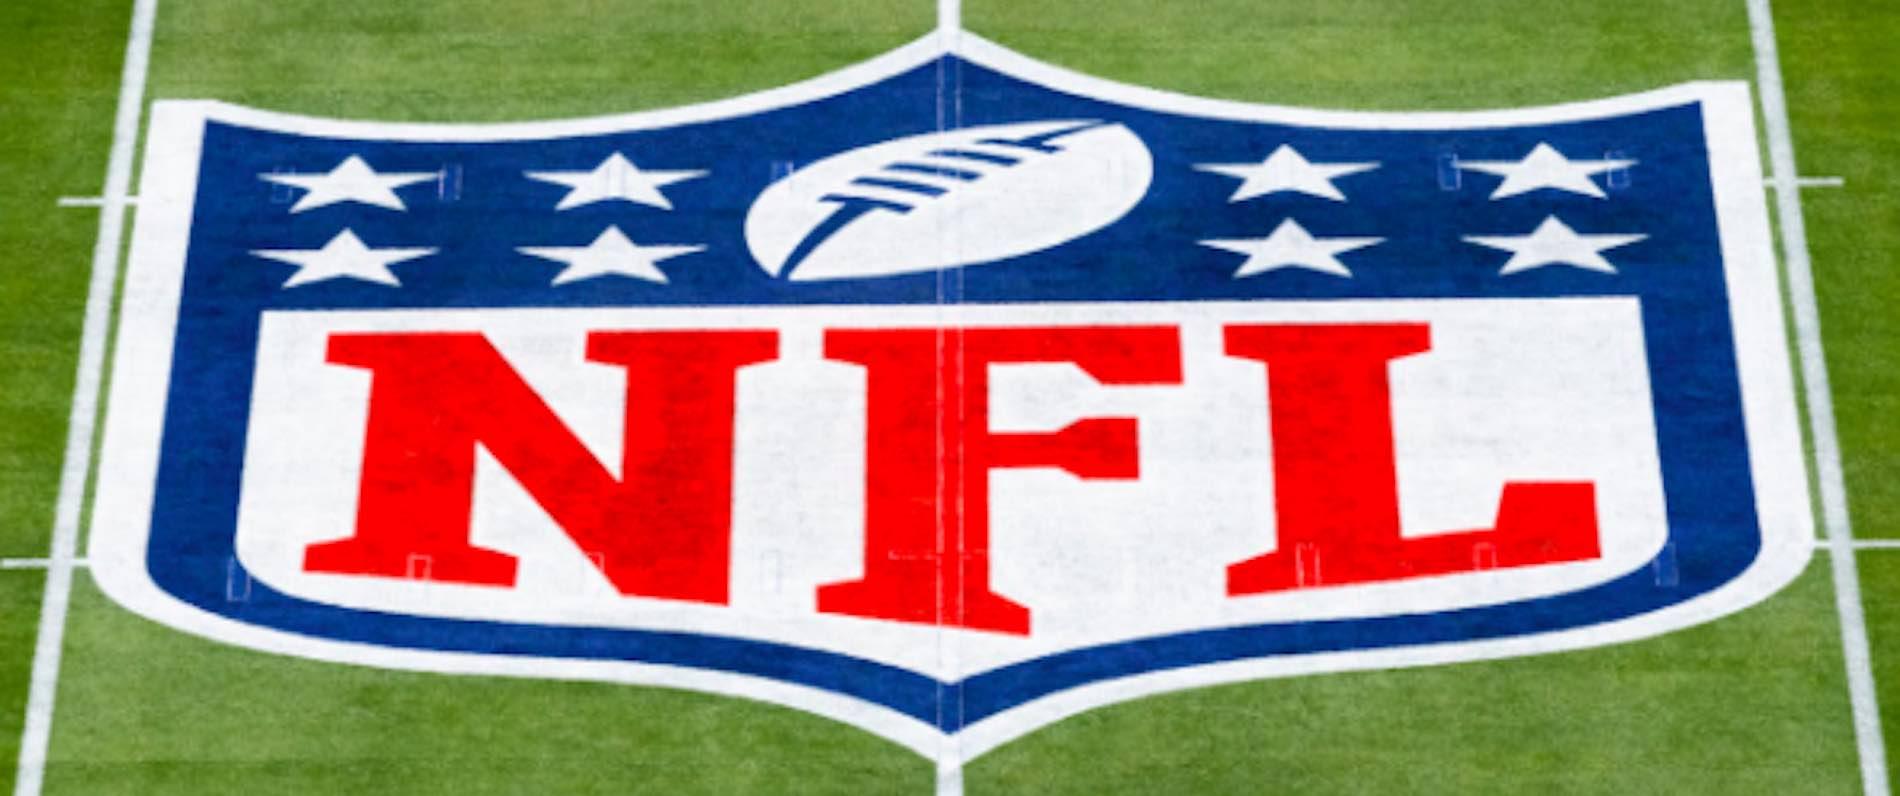 NFL Logo On Pitch